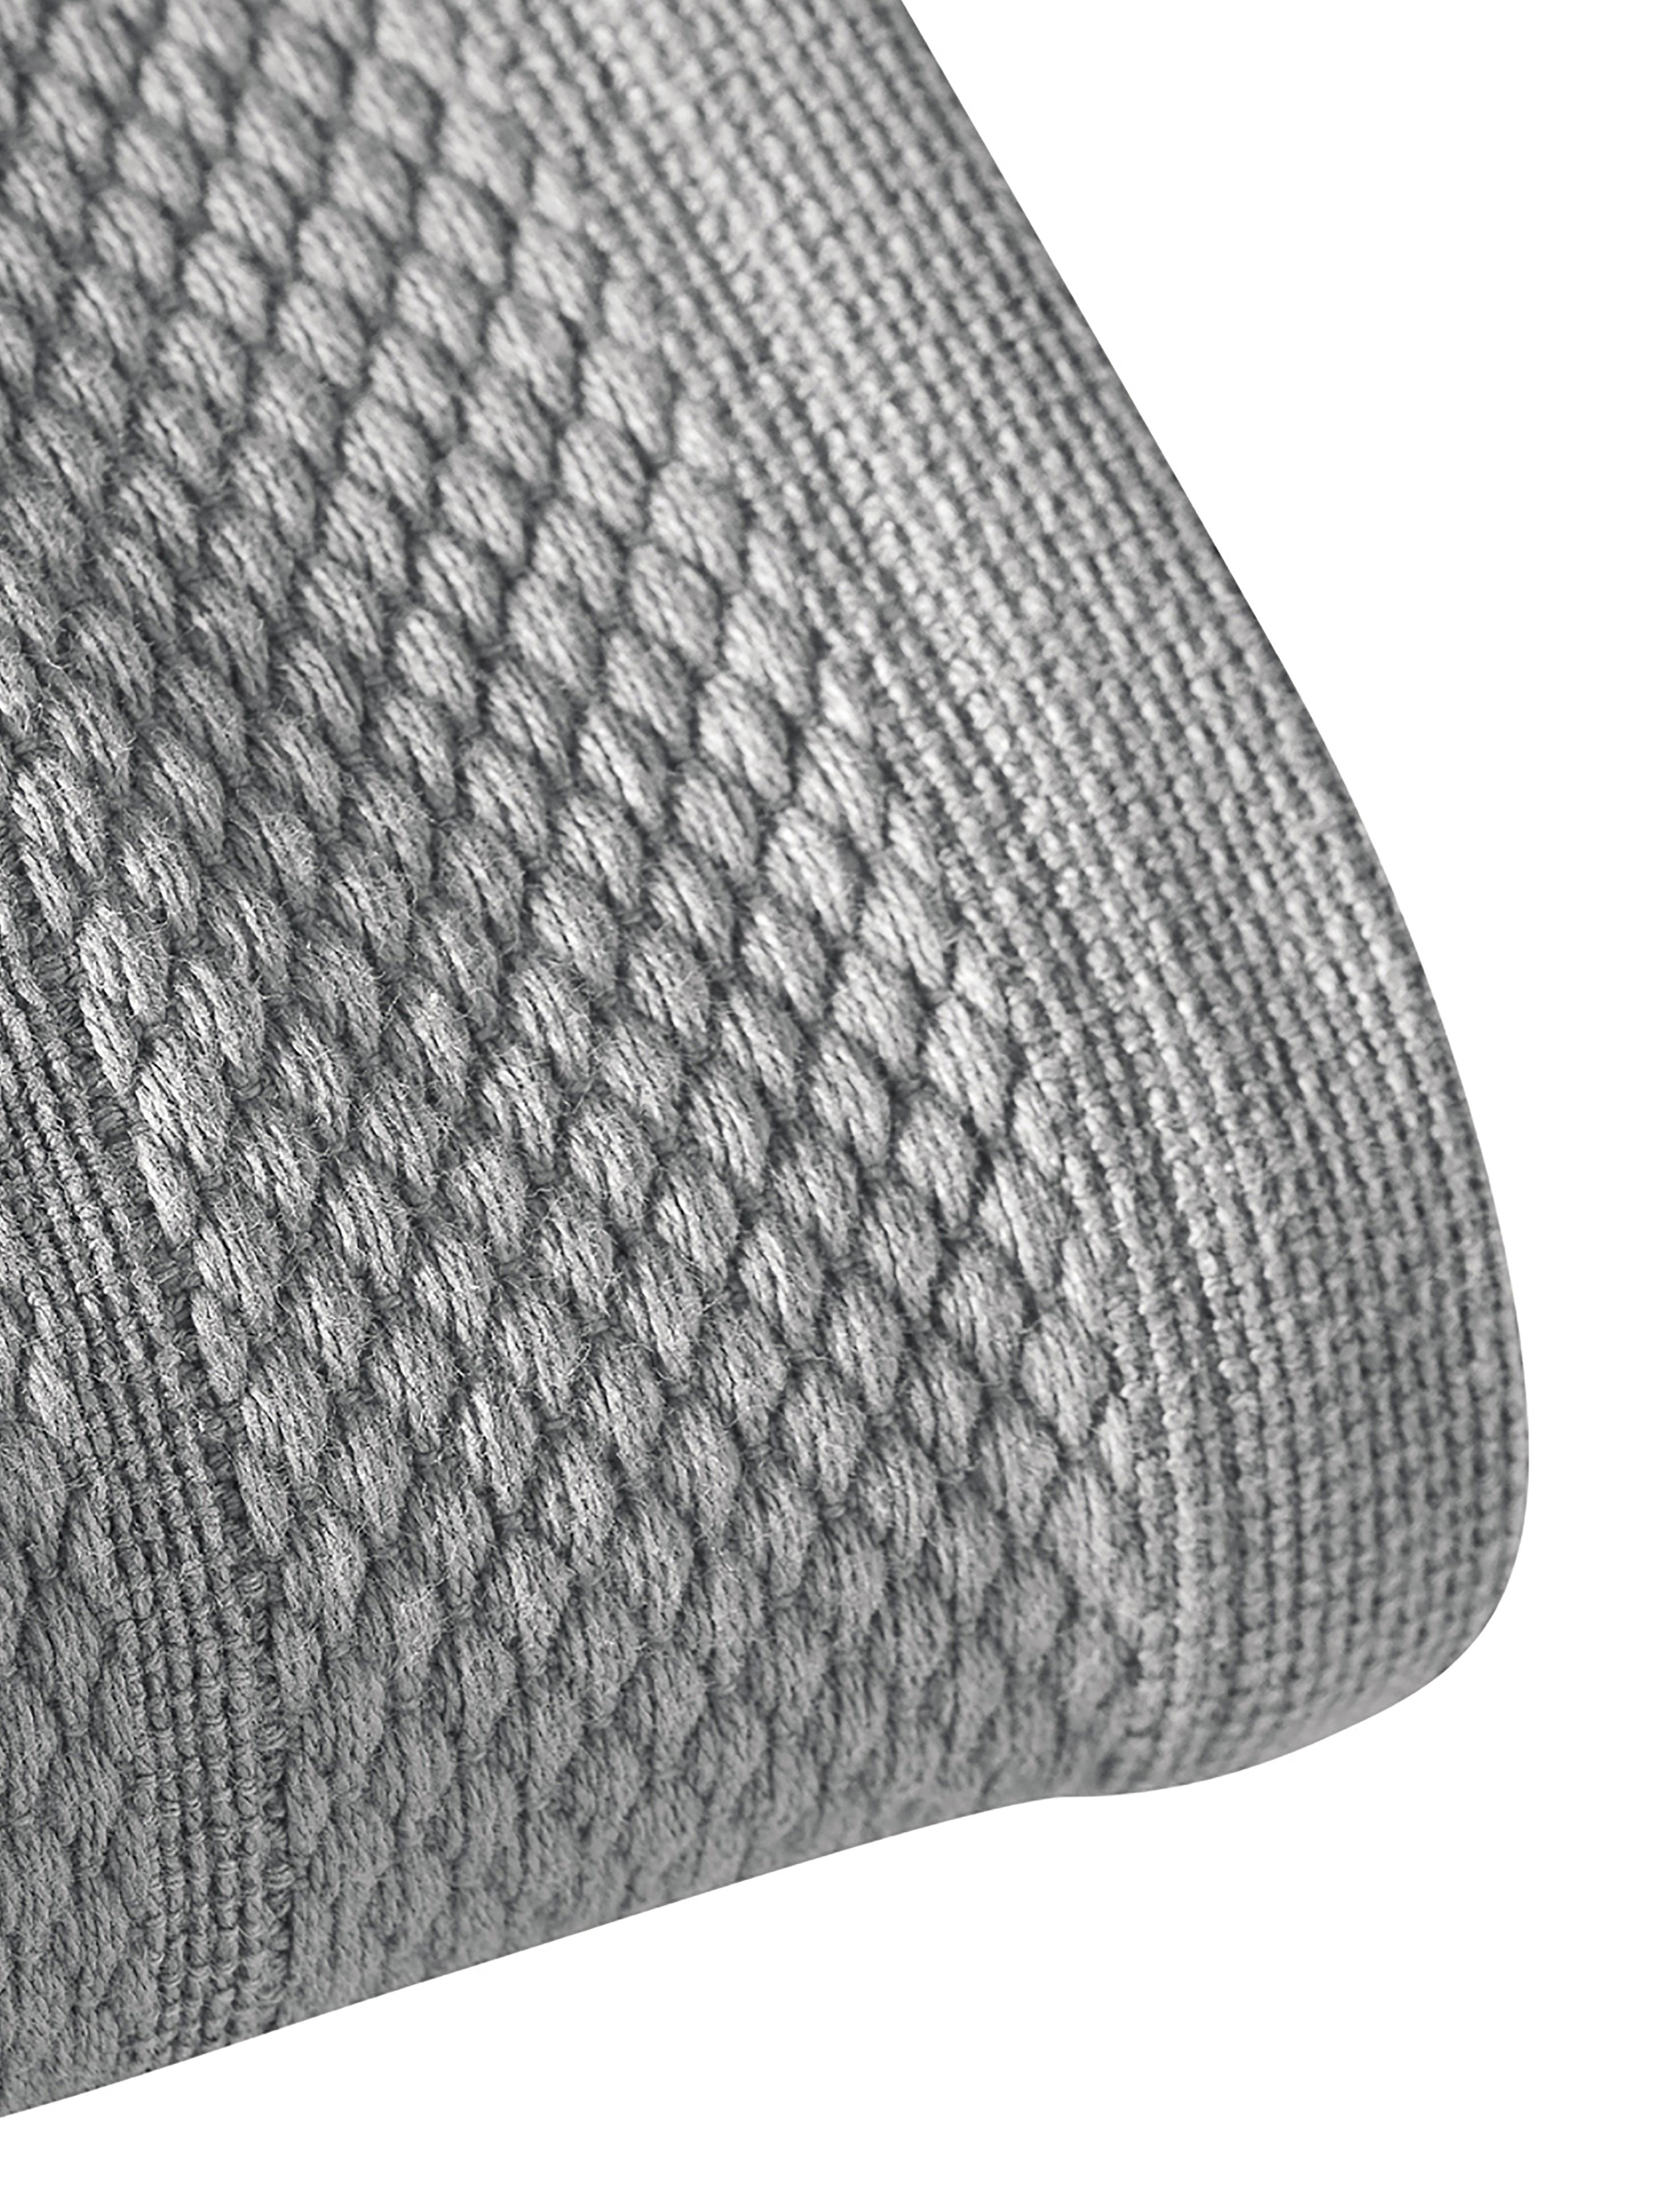 Handtuch Premium in verschiedenen Grössen, mit klassischer Zierbordüre, Dunkelgrau, Handtuch